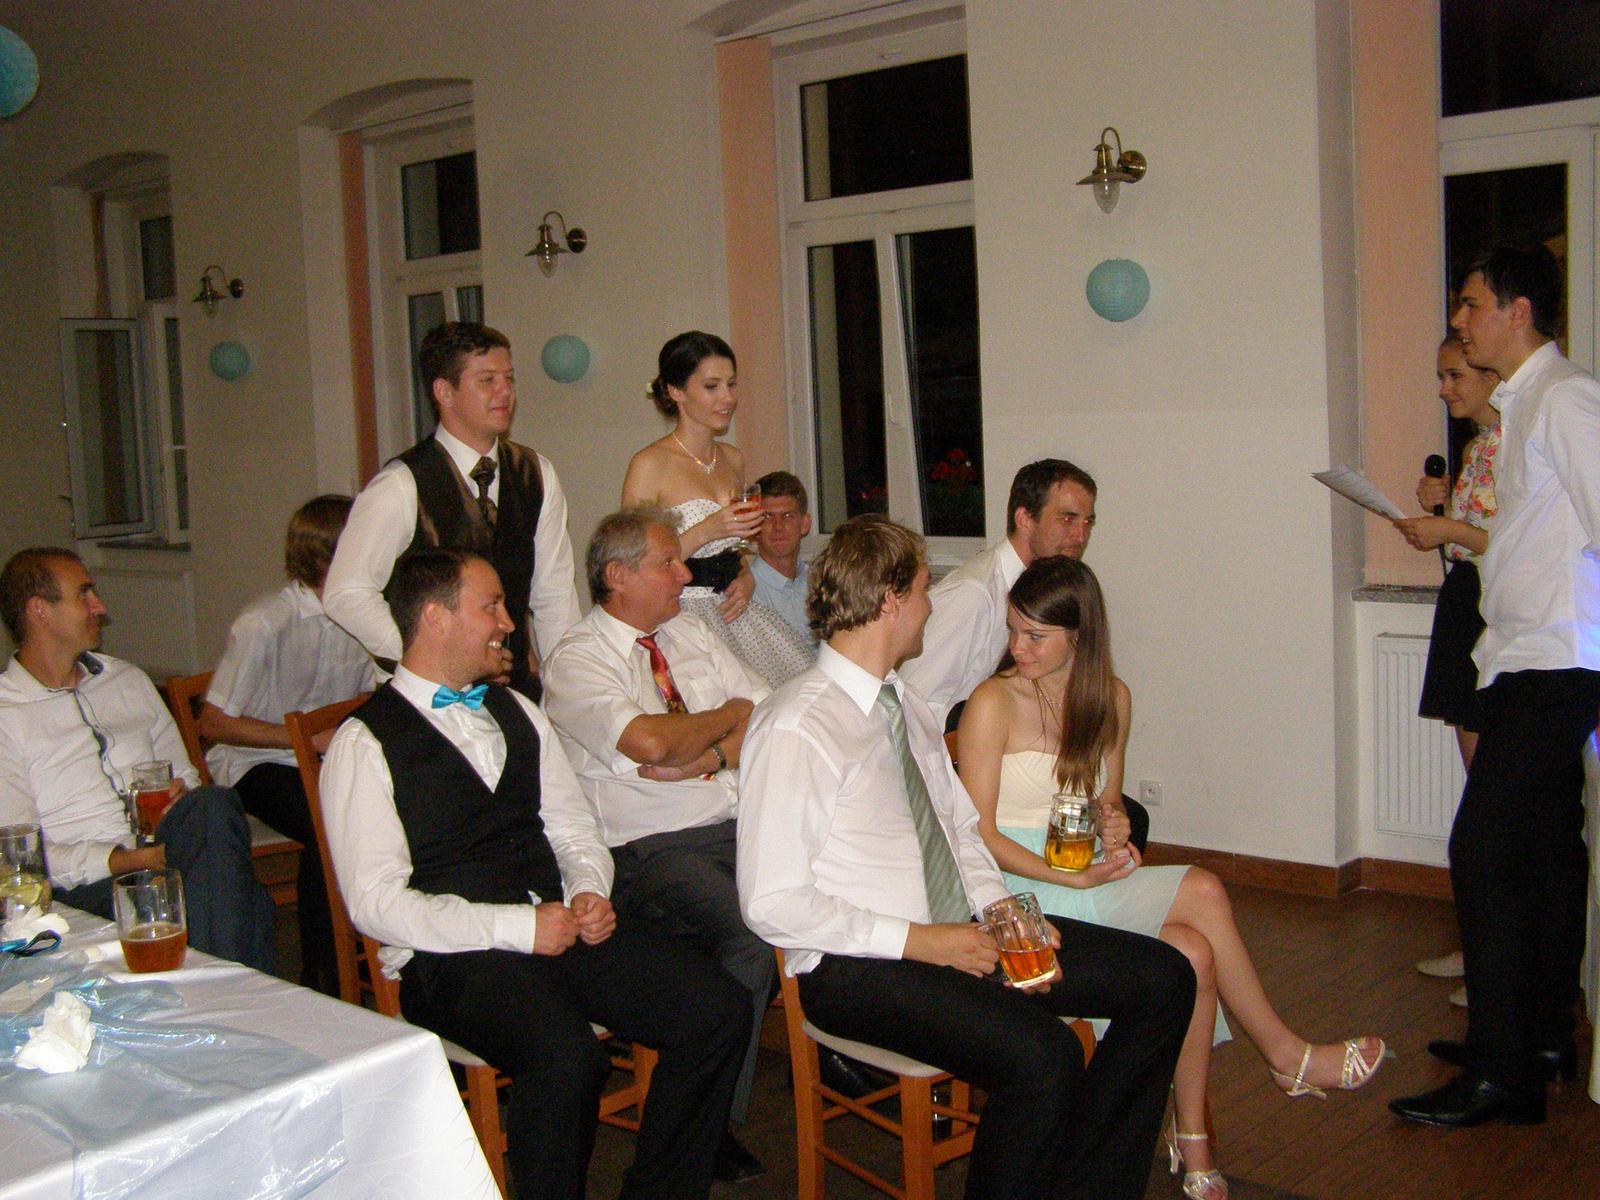 """Pivovar Podlesí - svatba 2.9.2016 - ...............a """"král s královnou"""" se v královském kočáru příjemně svezli......................."""